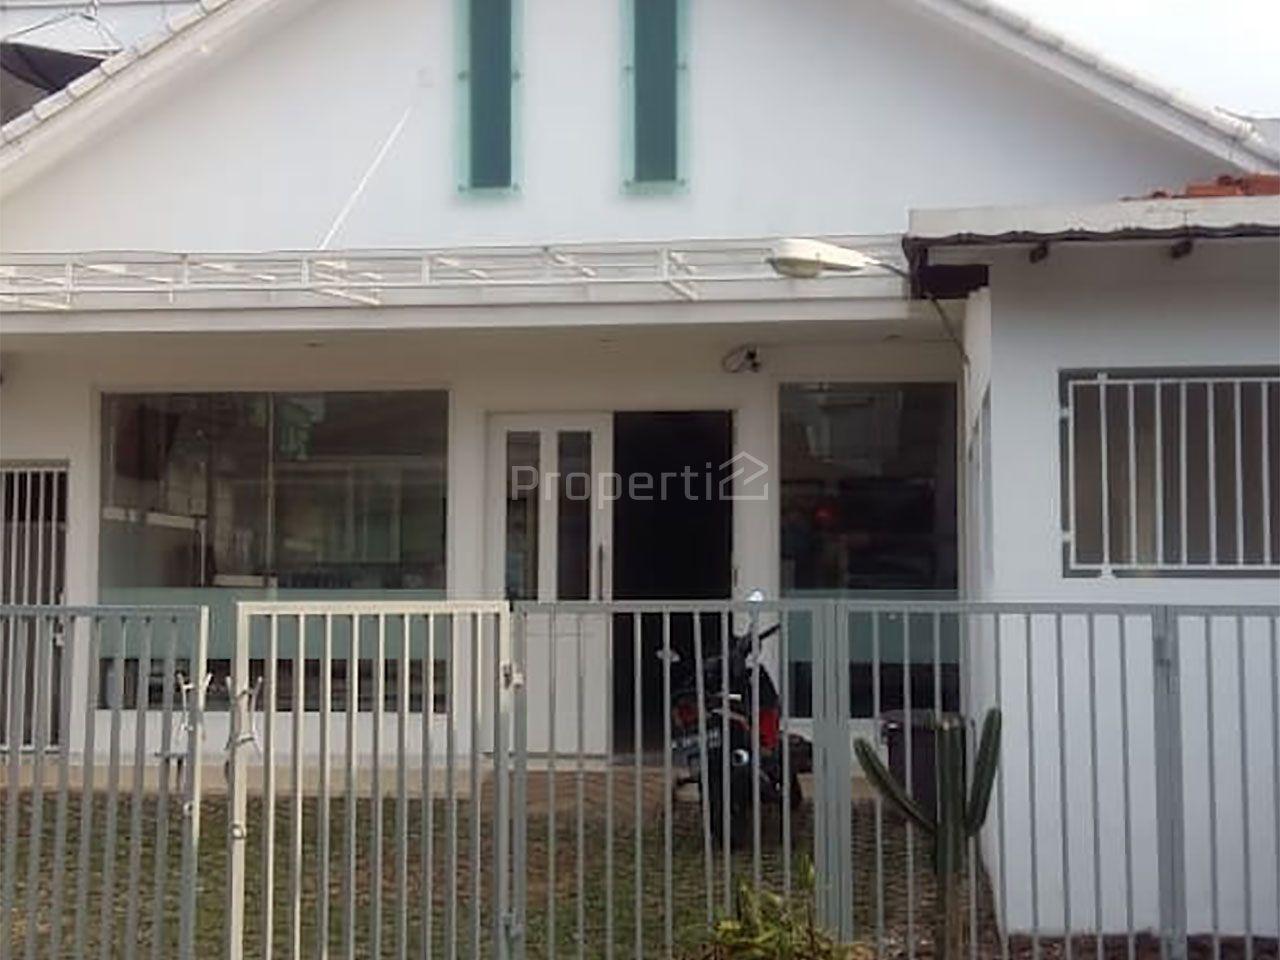 Old House at Jl. Praja, Kebayoran Lama, DKI Jakarta